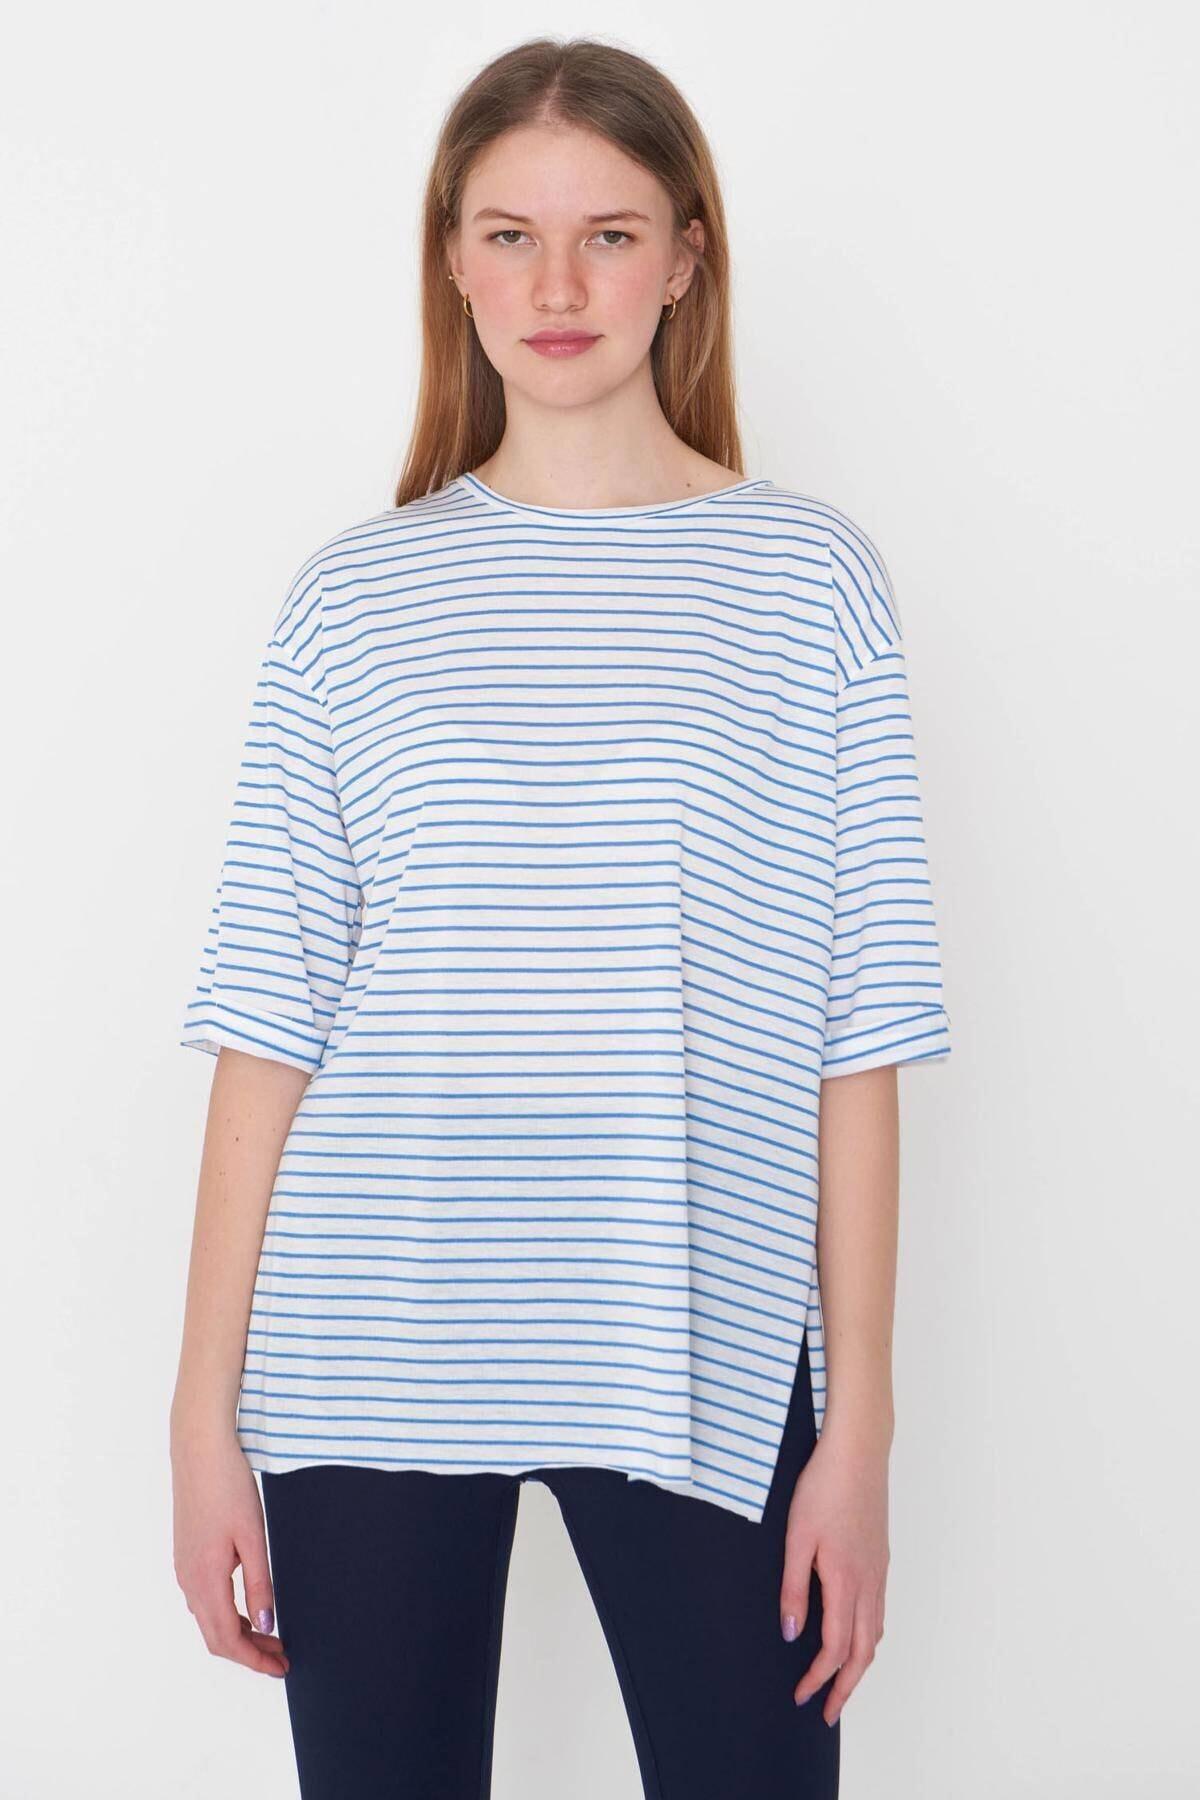 Addax Kadın Saks Mavi Çizgili T-Shirt P6687 - S13 Adx-0000023923 1